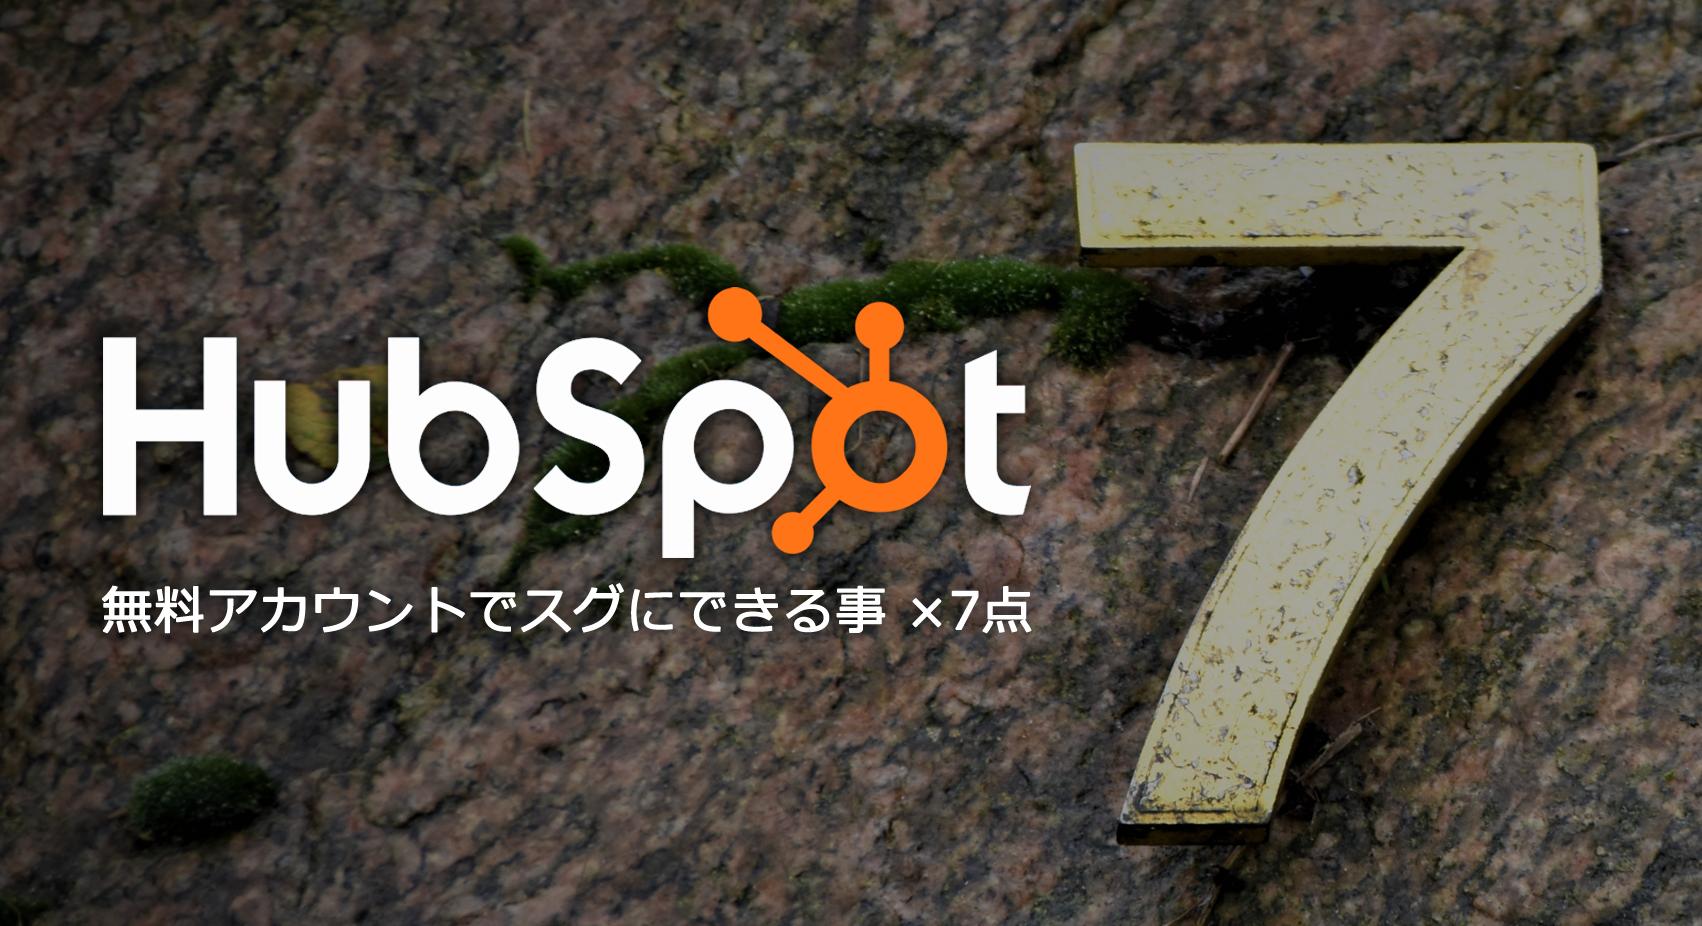 HubSpot無料アカウントでスグにできる事【全7回】